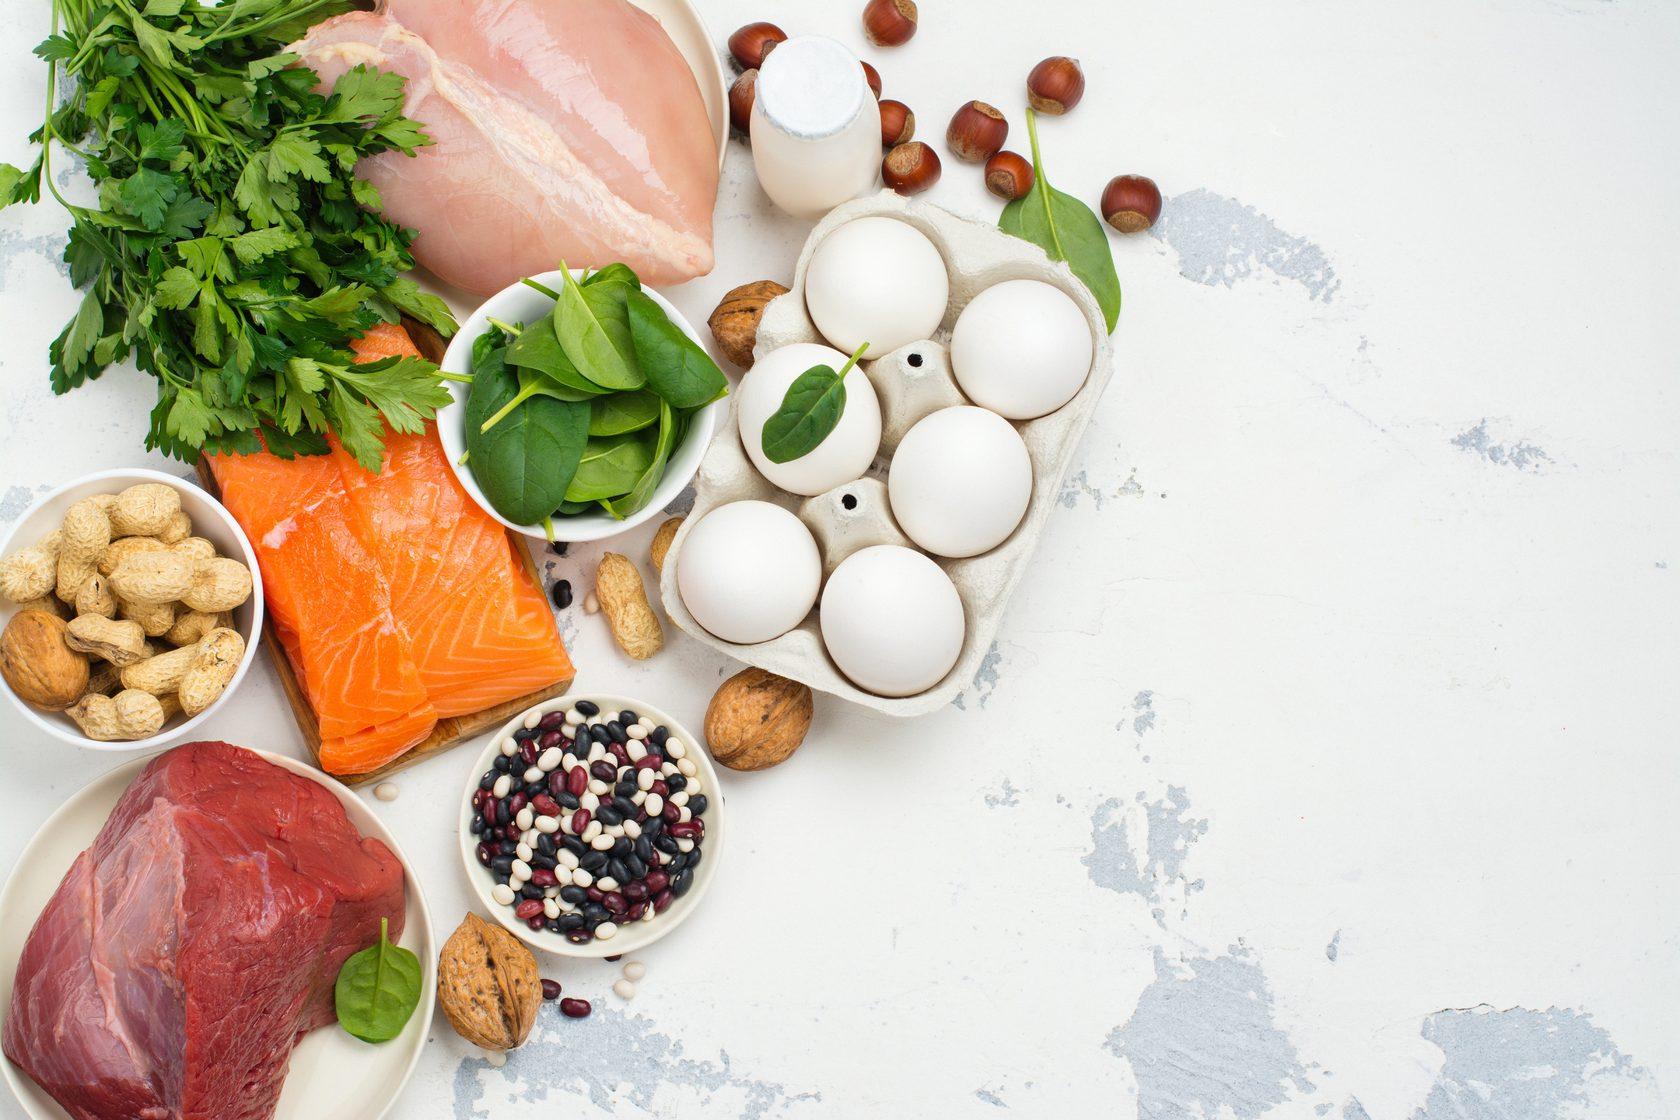 Белковая Диета Молоко. Белковая диета на неделю — минус 6 кг за 7 дней (меню на каждый день)